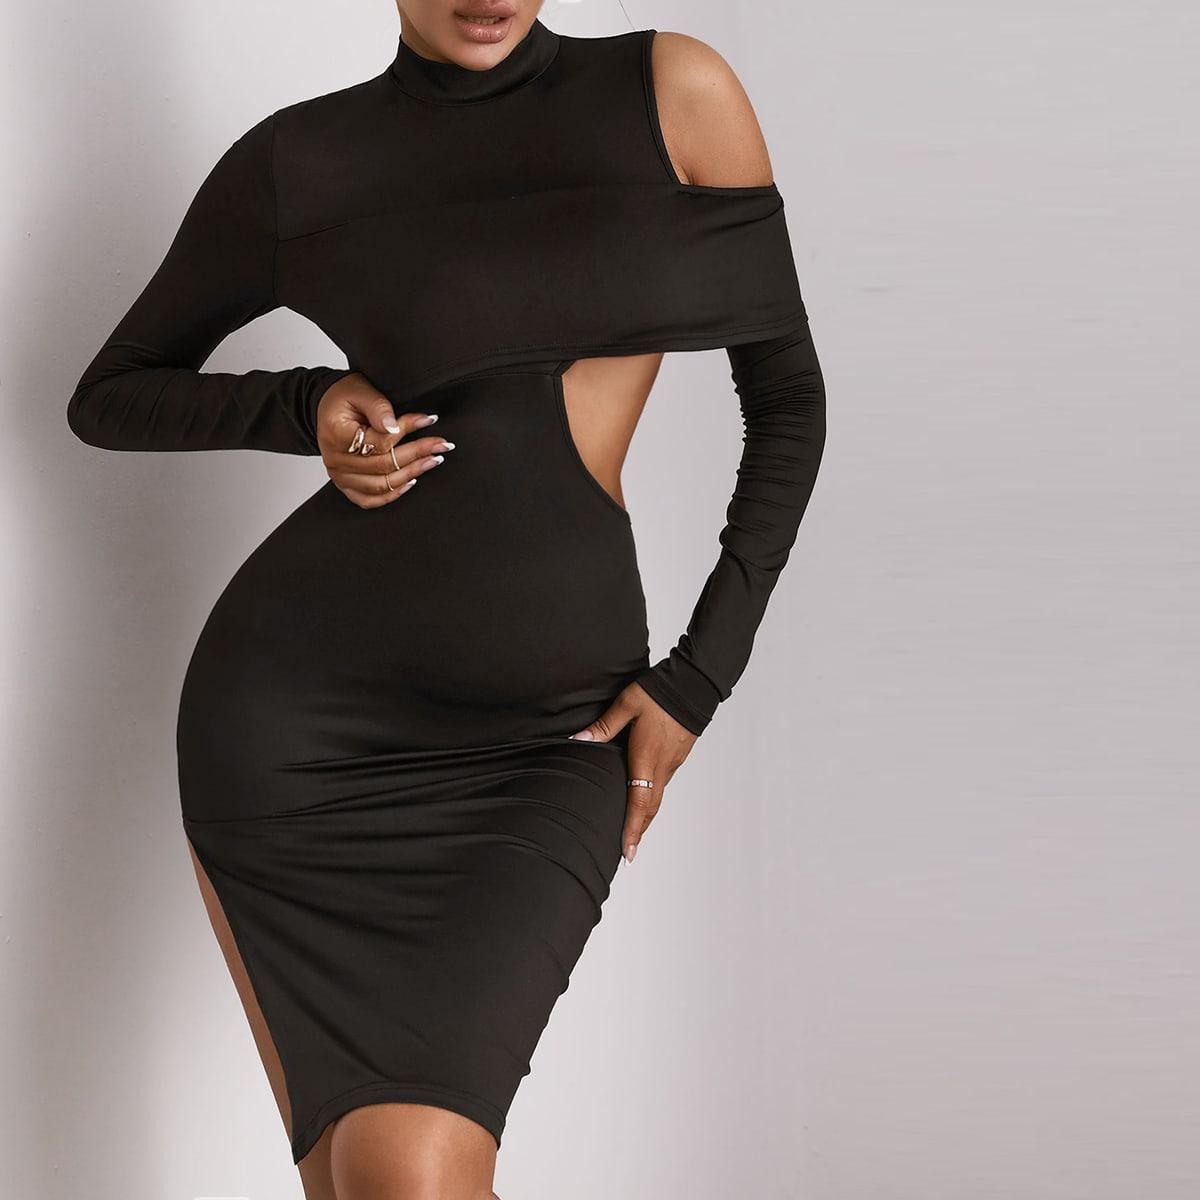 Платье с разрезом высоким разрезом SheIn sw2106288944456405